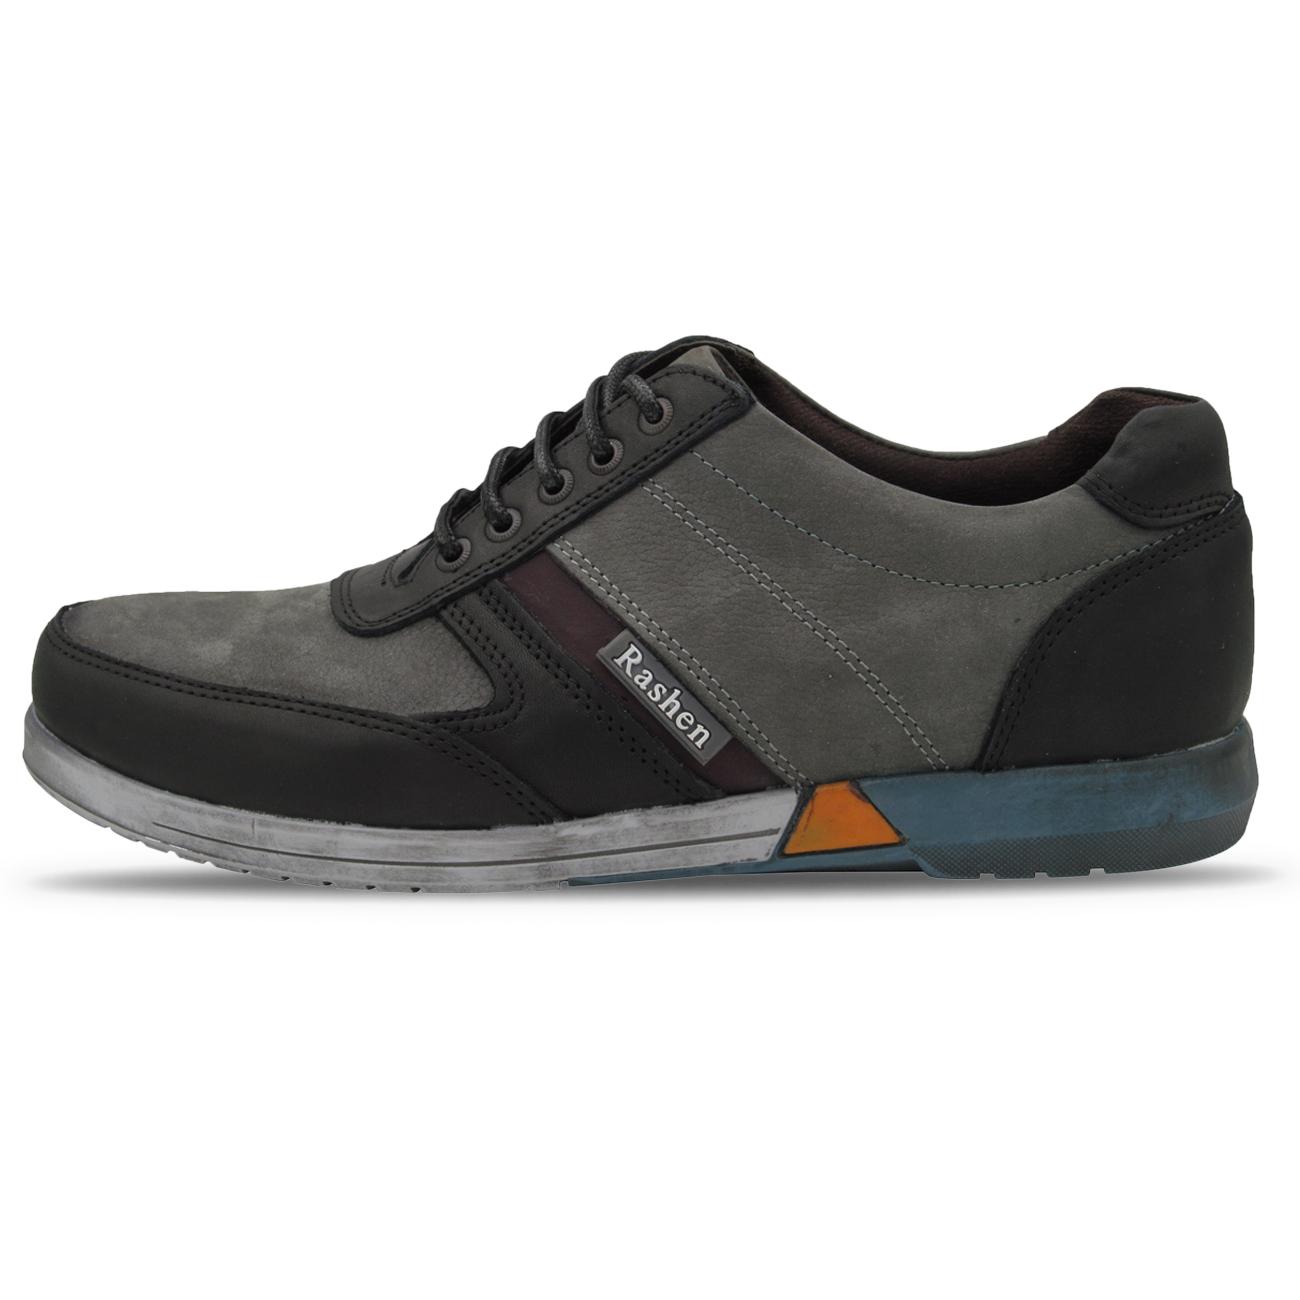 کفش ورزشی مردانه راشن مدل ag کد 1283